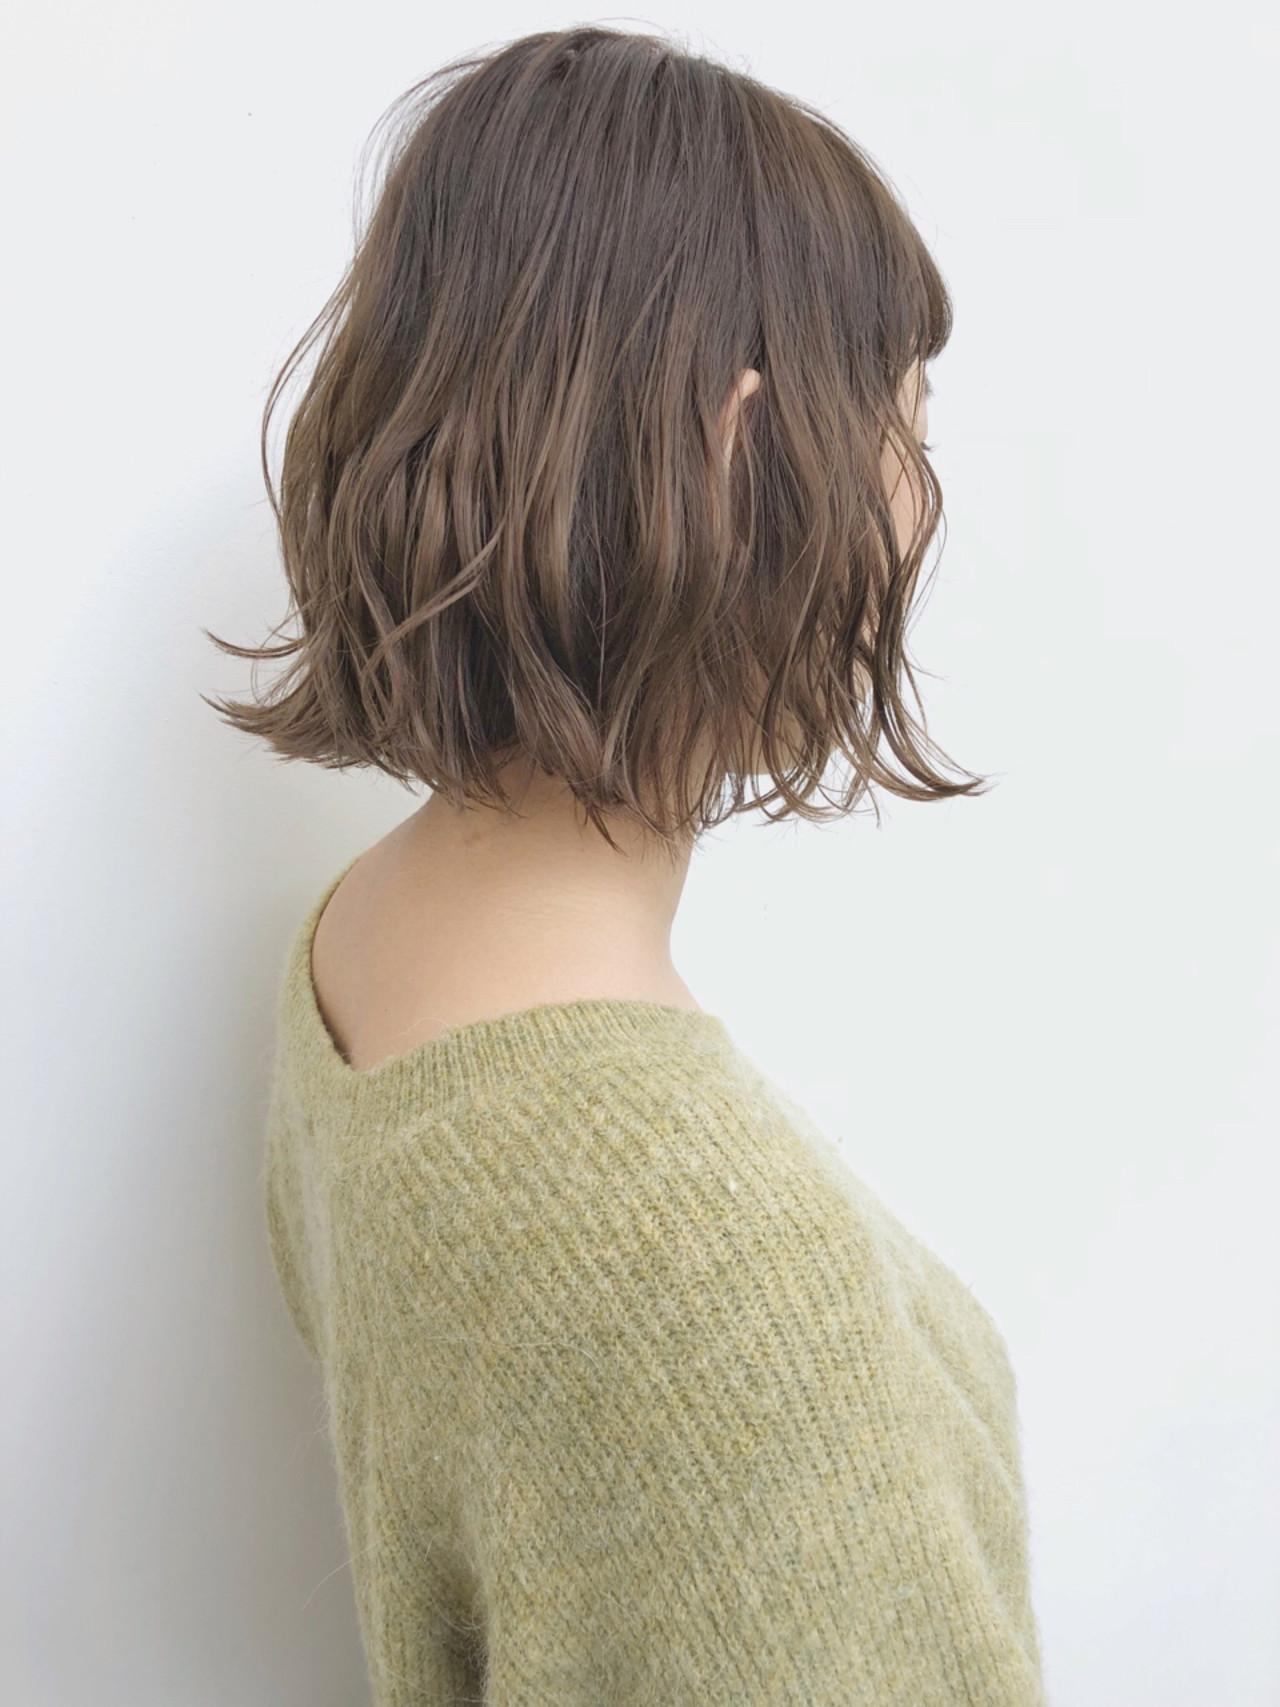 グラデーションカラー 透明感 ナチュラル ボブ ヘアスタイルや髪型の写真・画像